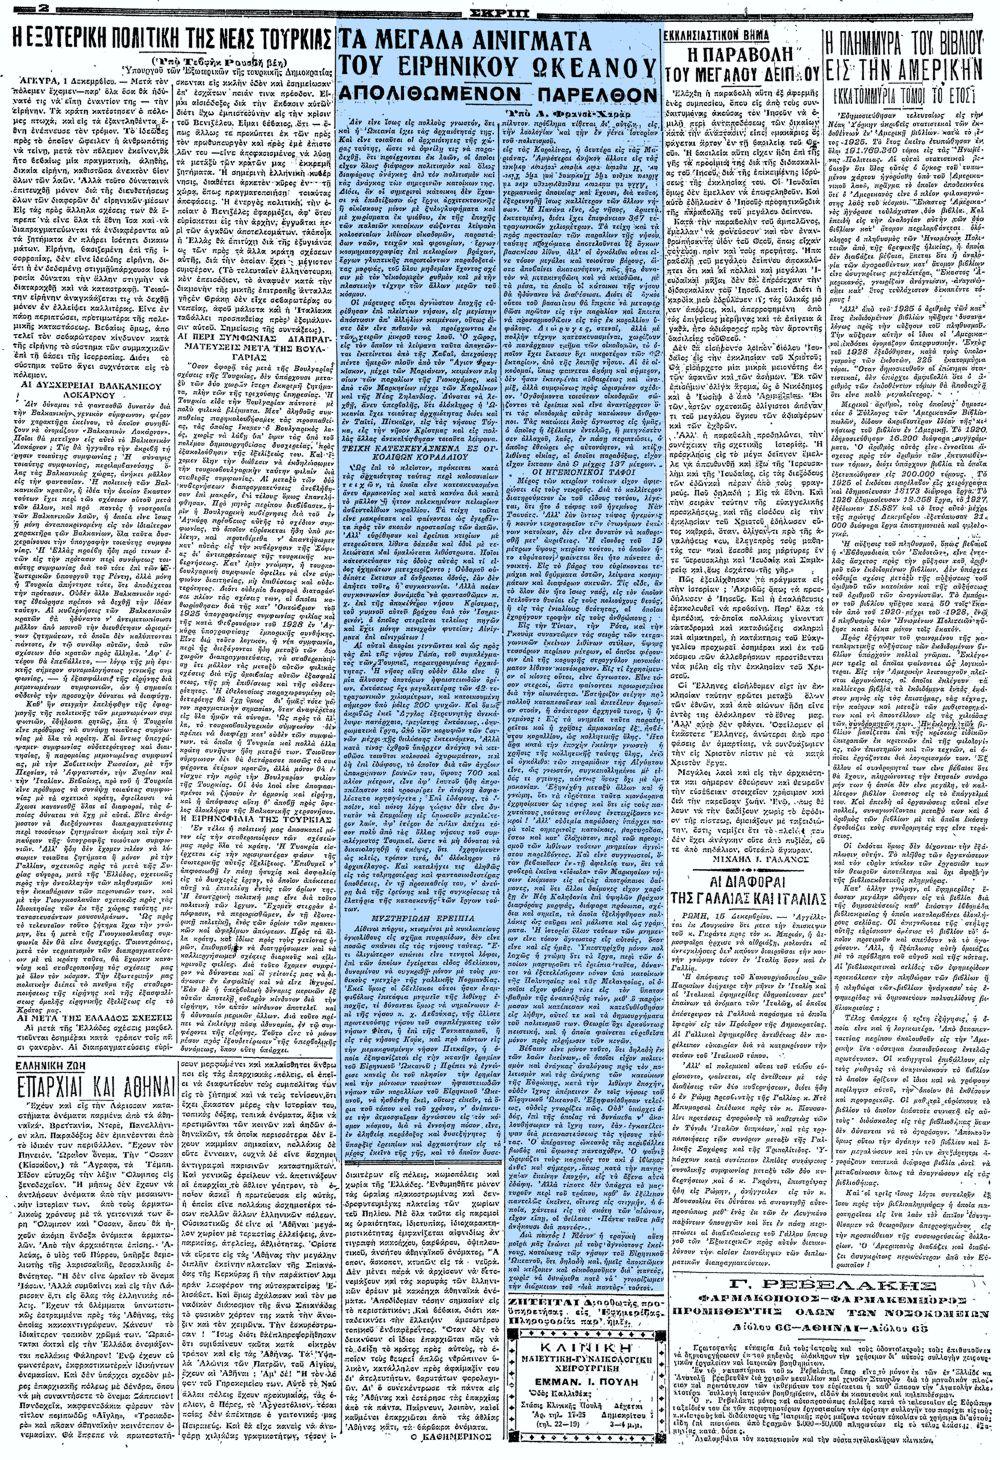 """Το άρθρο, όπως δημοσιεύθηκε στην εφημερίδα """"ΣΚΡΙΠ"""", στις 16/12/1928"""